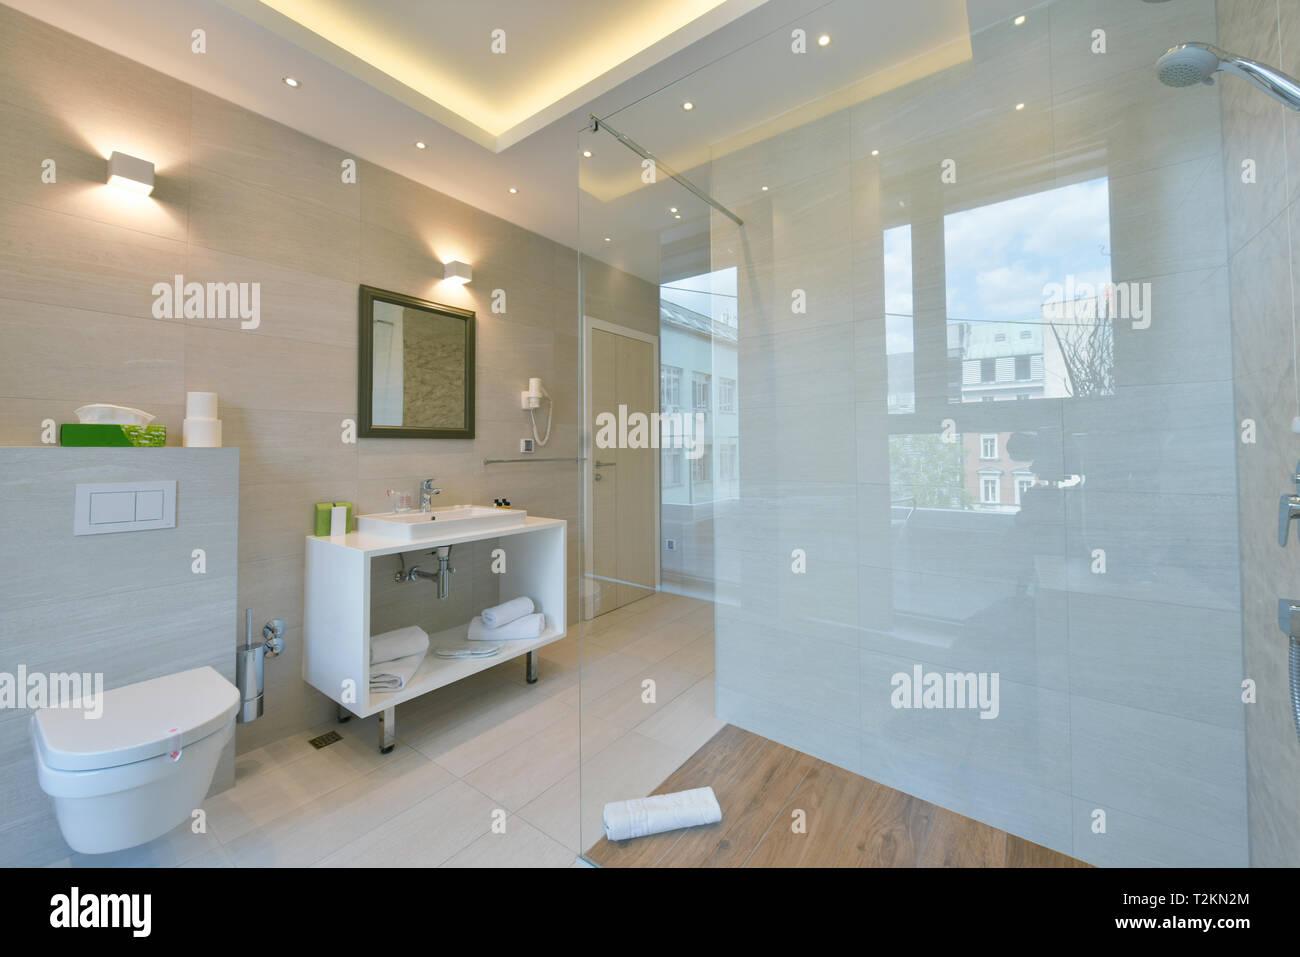 Salle De Bain Minimaliste Dans Cet Hotel Moderne Avec Des